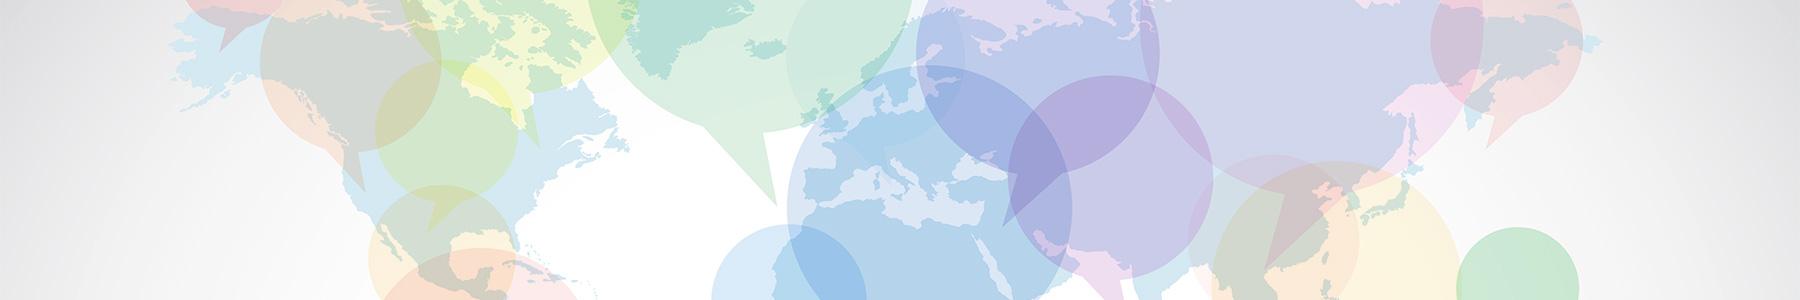 traduzioni giurate roma mondo infografica